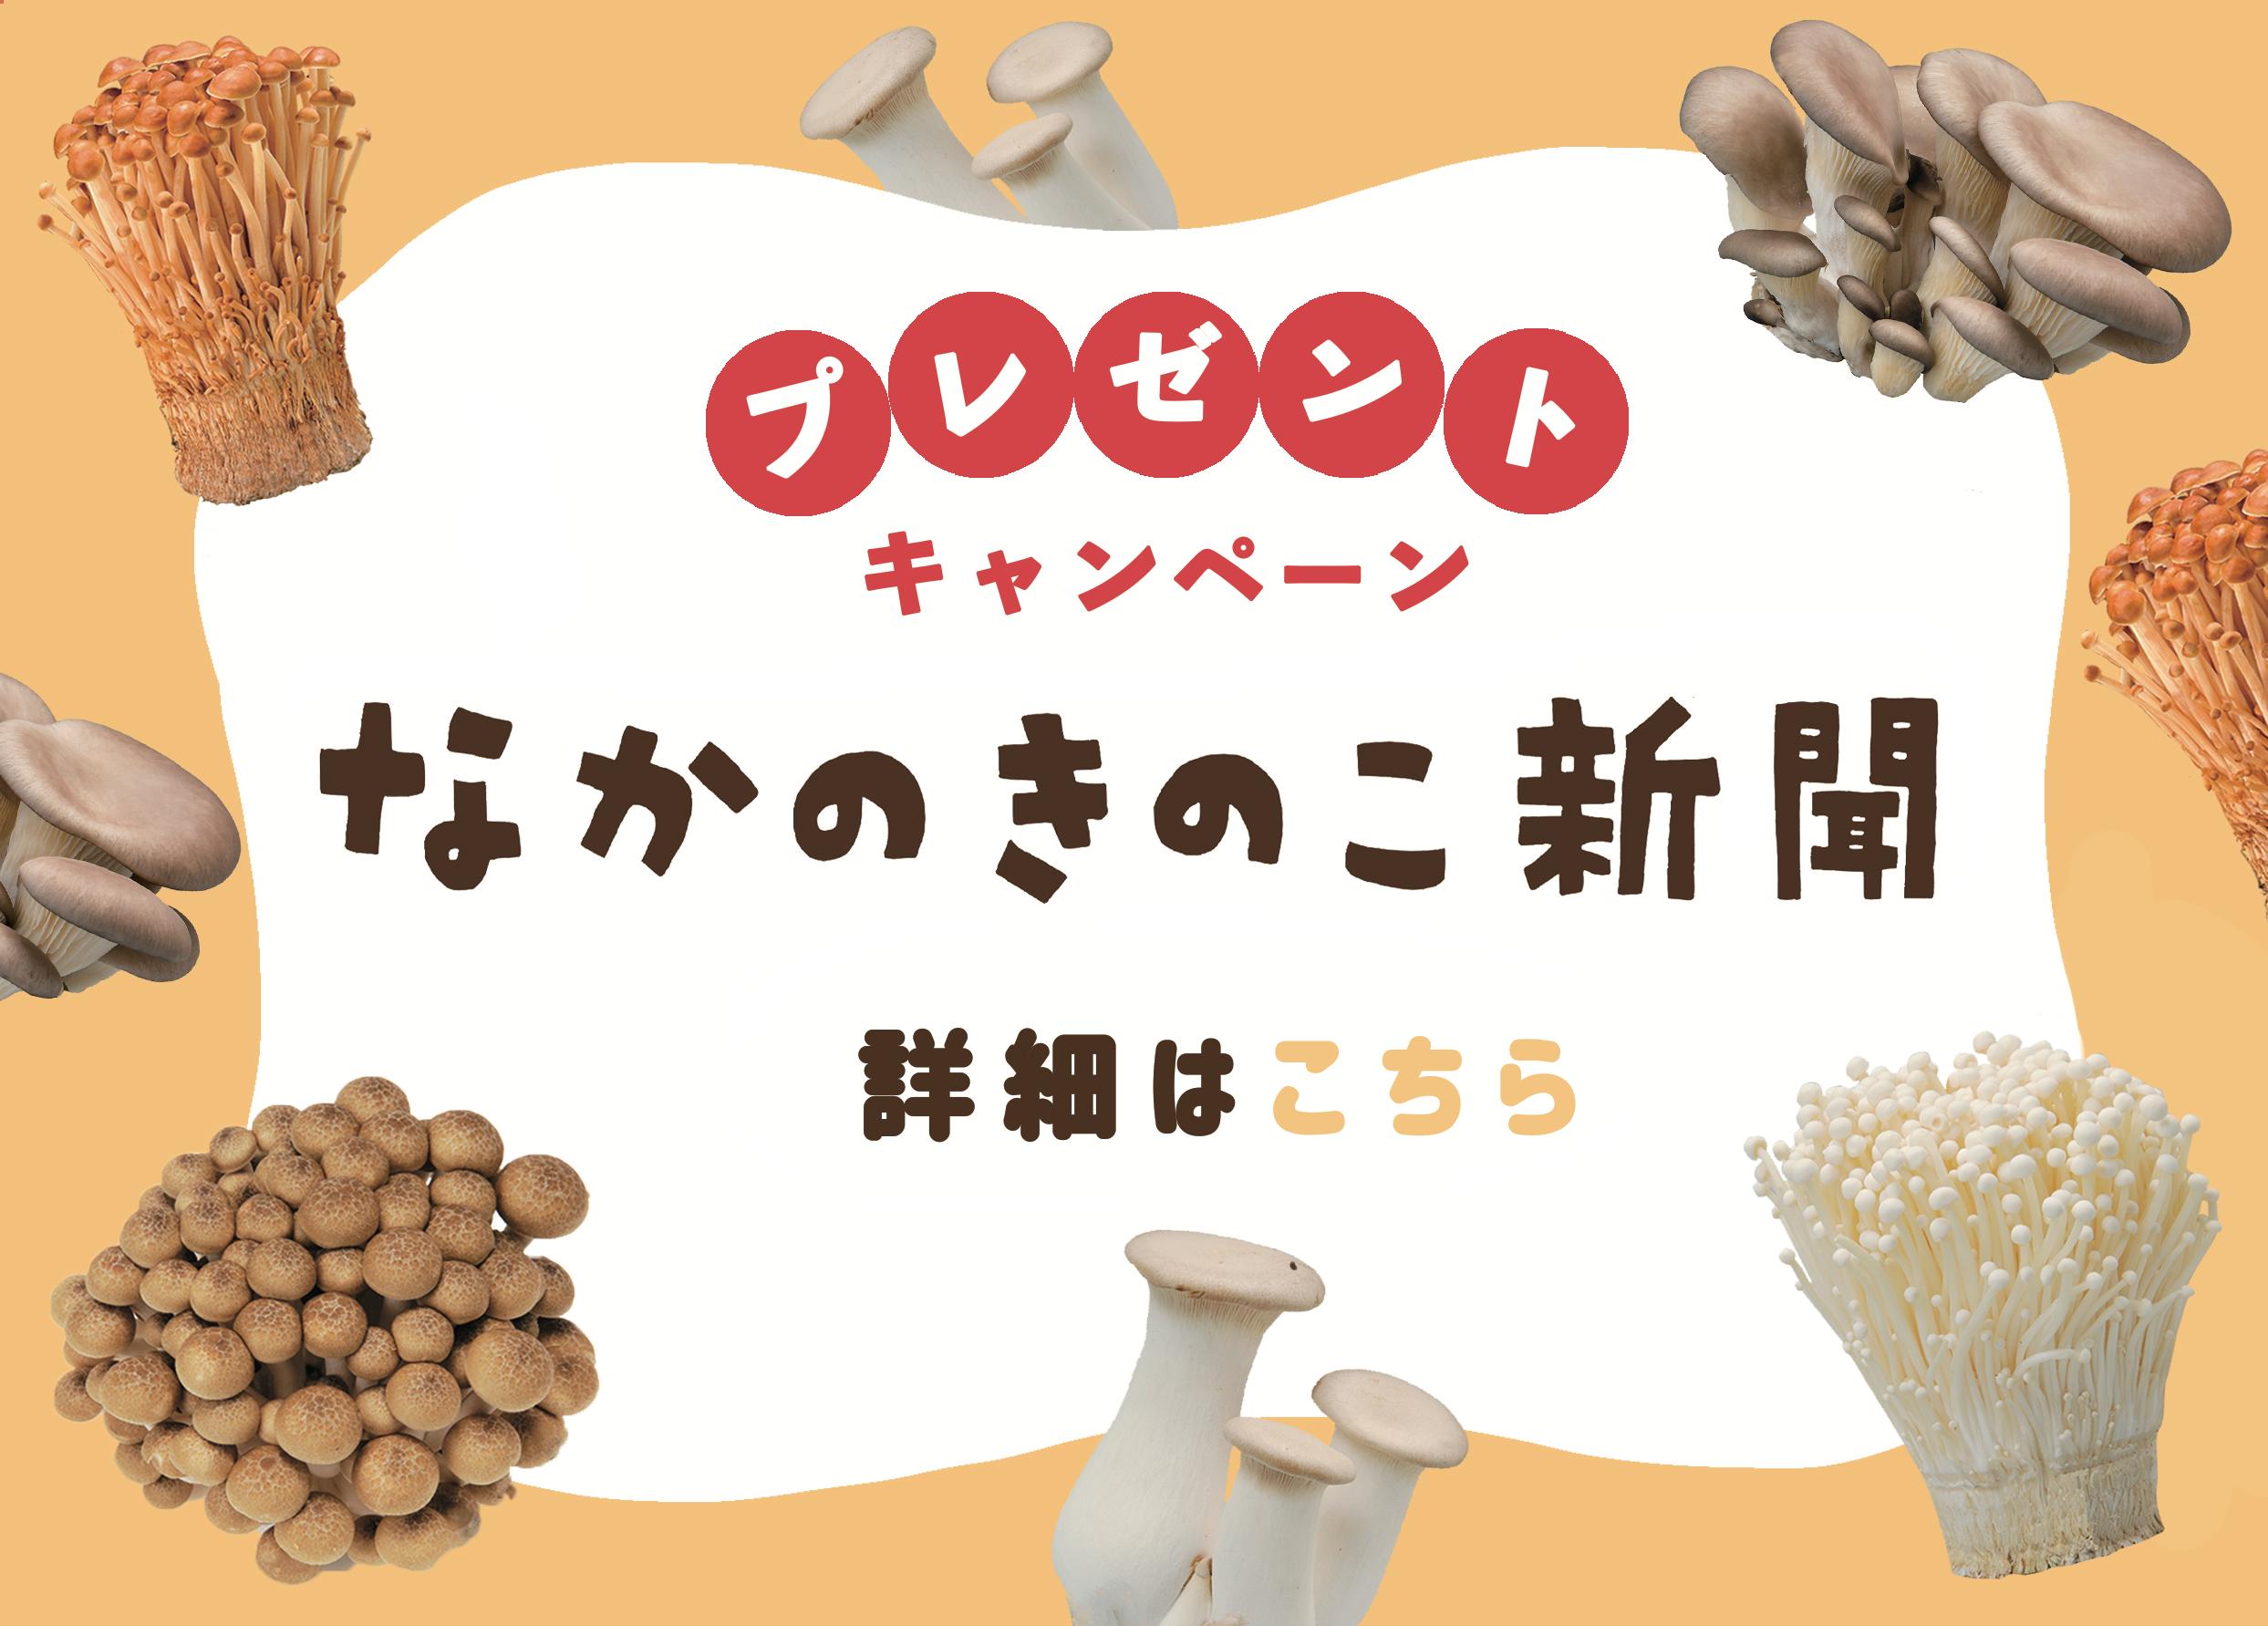 【秋冬号プレゼントキャンペーン】中野市産「きのこの詰め合わせ」を10名様にプレゼント!